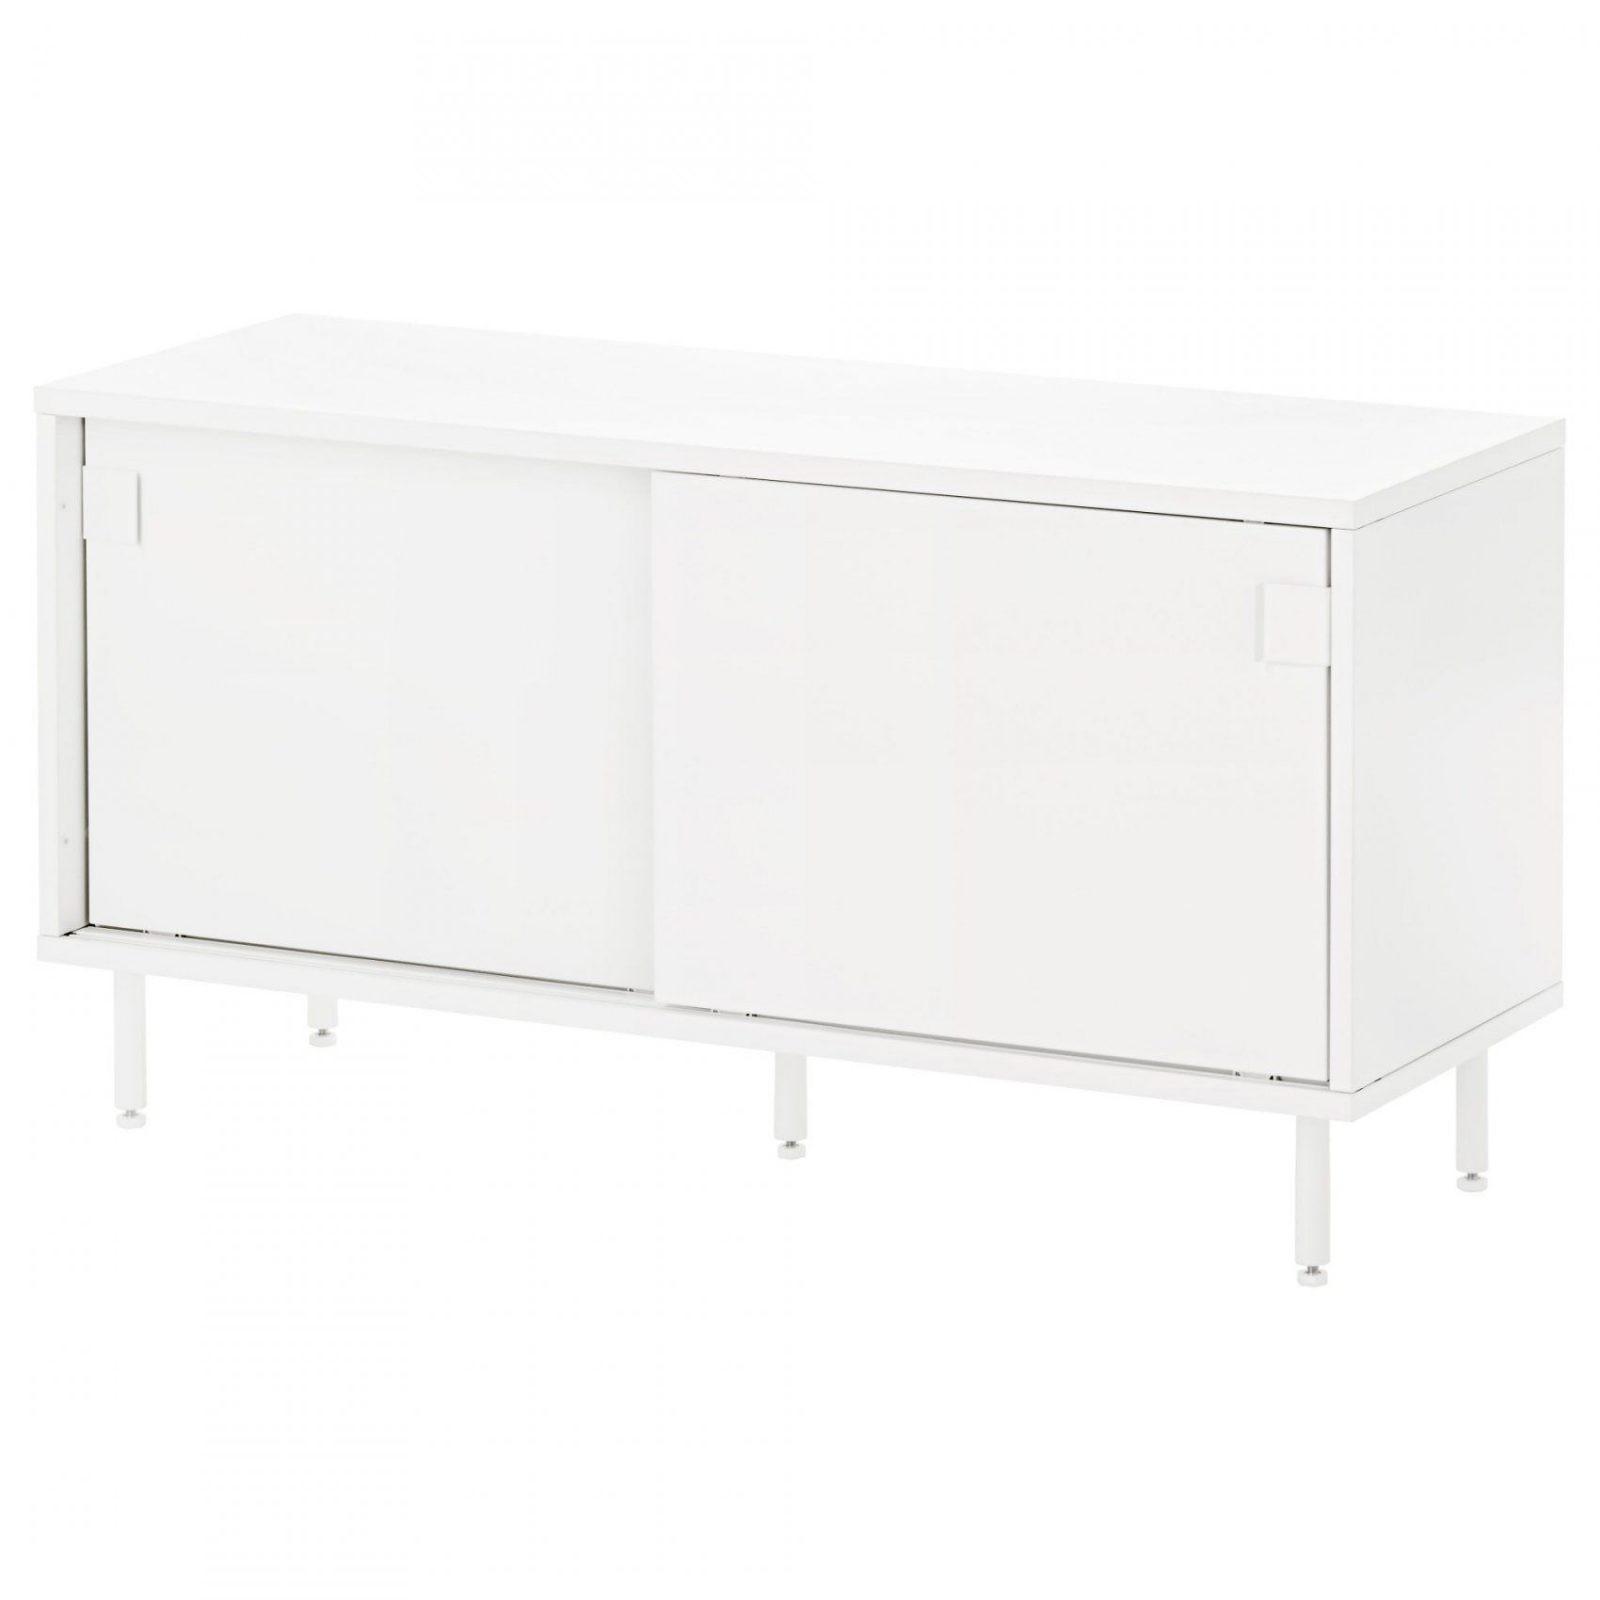 Mackapär Bank Mit Aufbewahrung  Ikea von Sideboard Mit Schiebetüren Ikea Bild